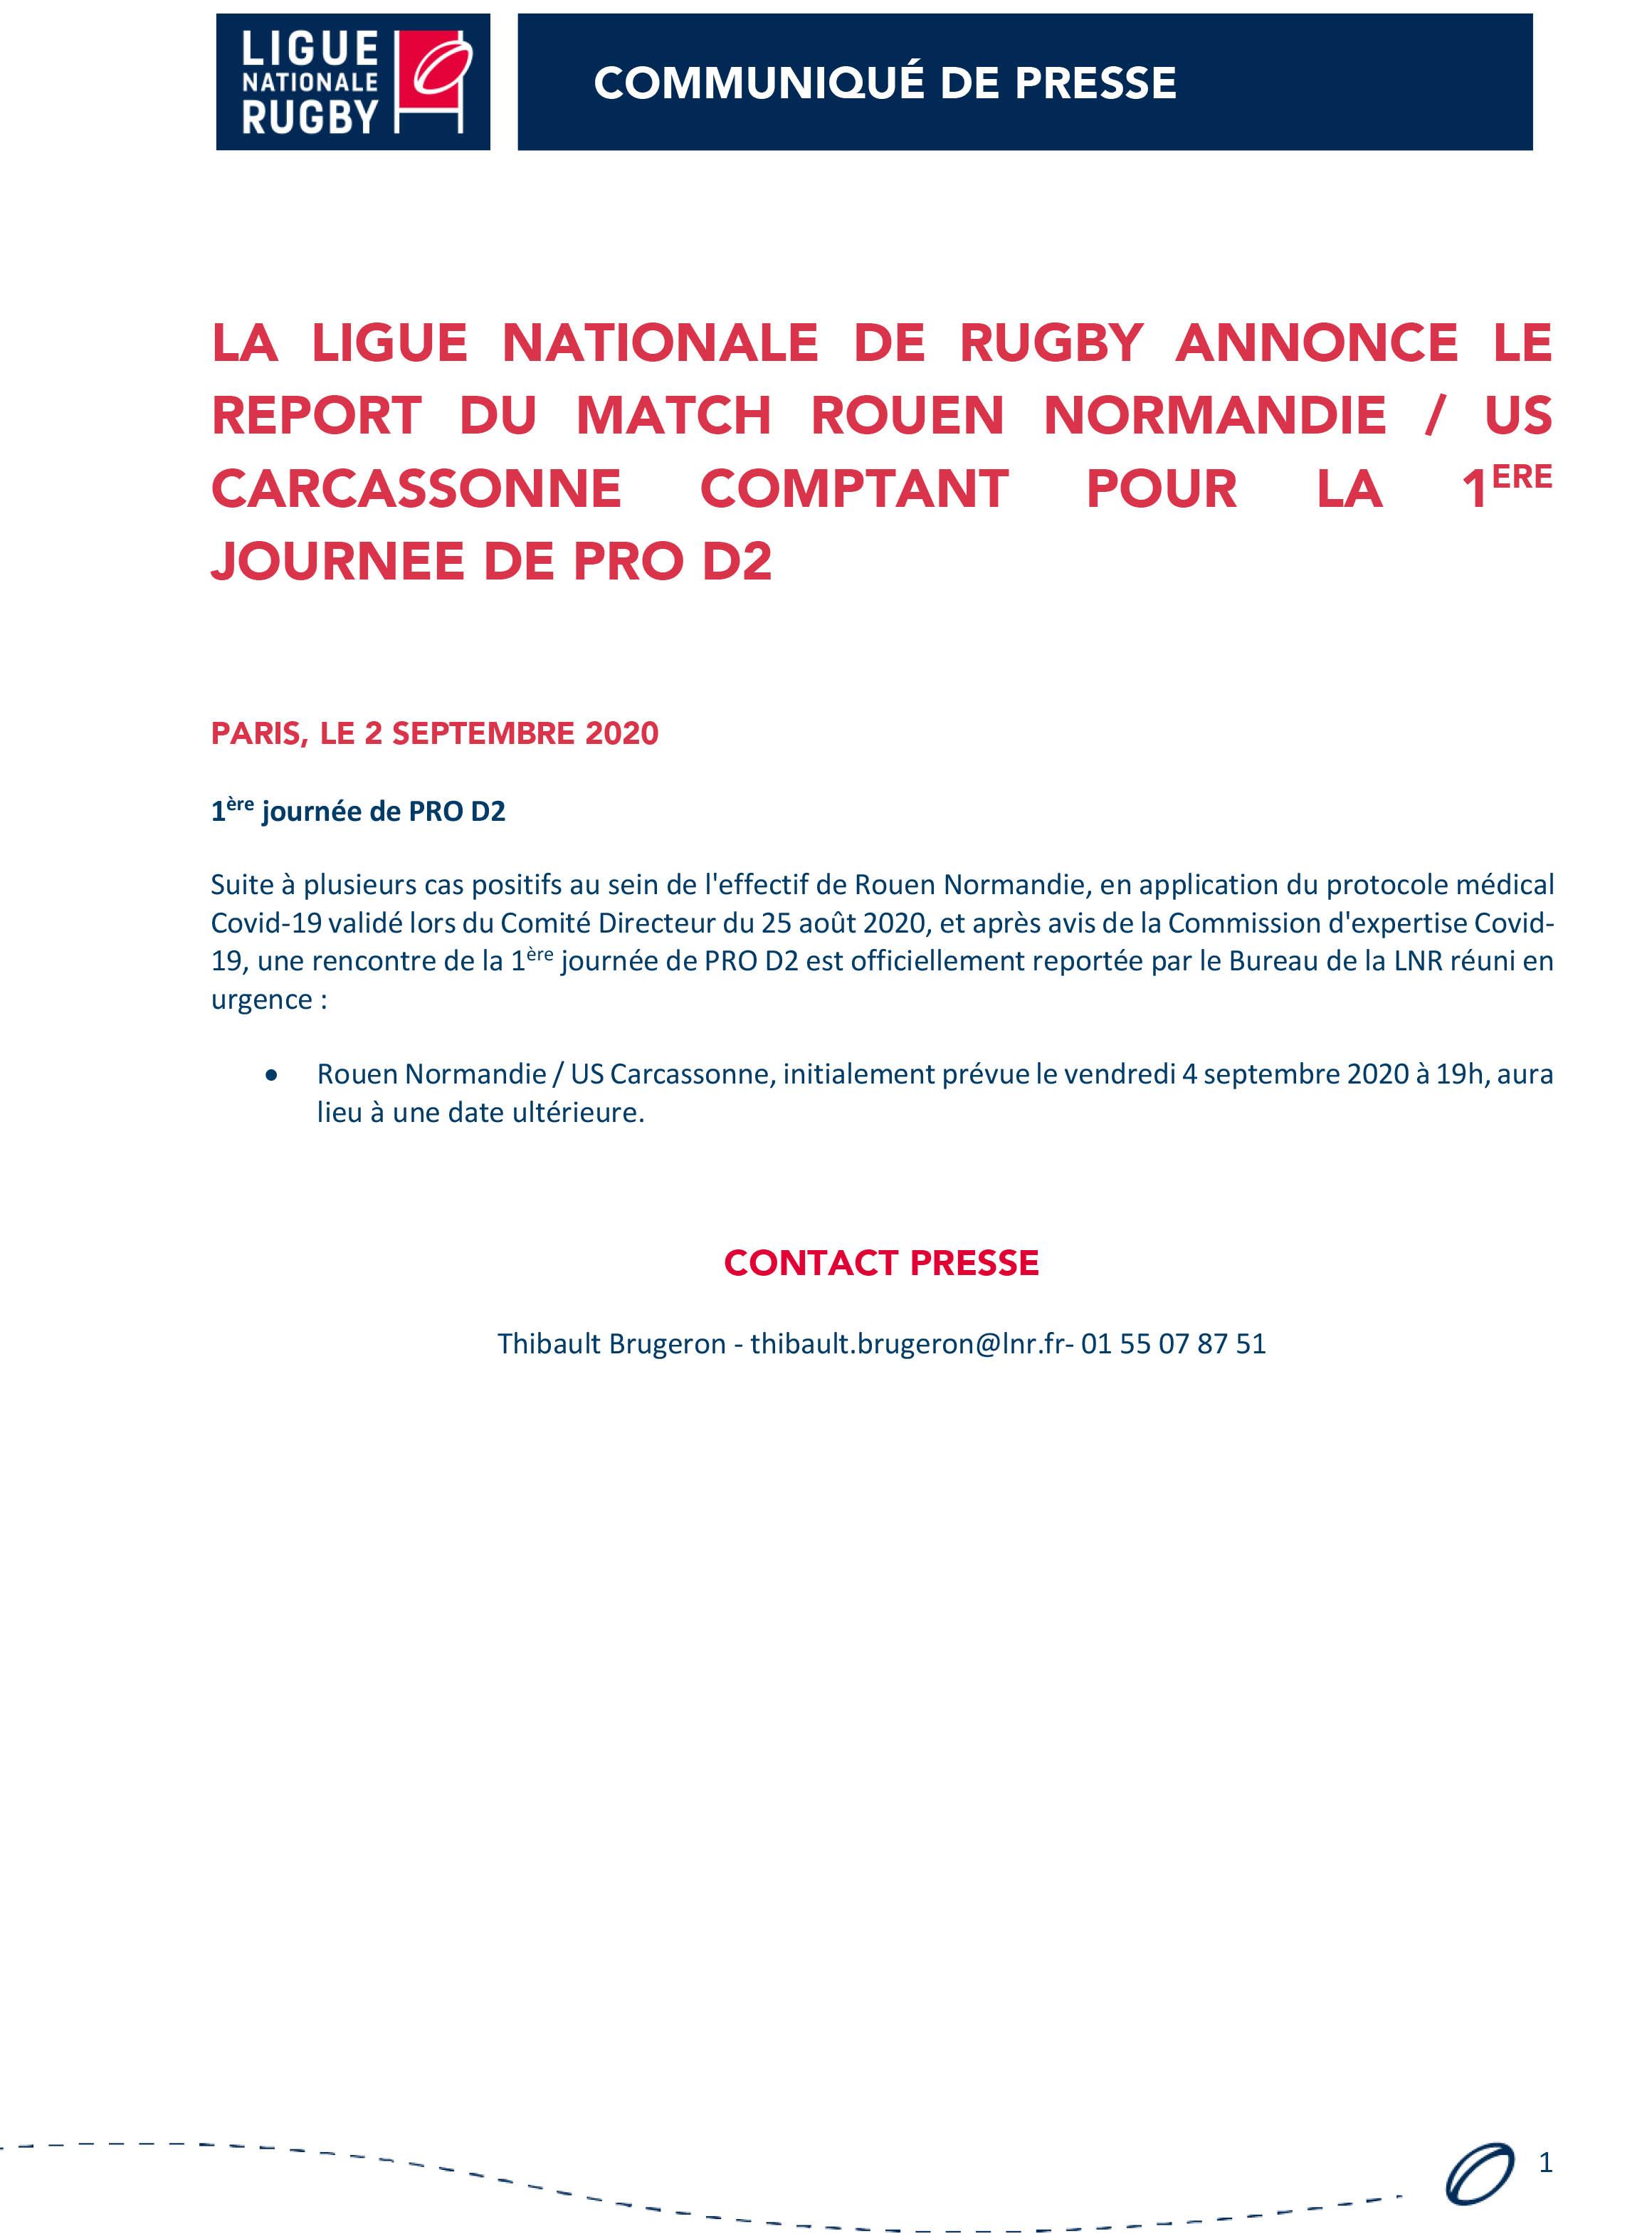 La Ligue Nationale de Rugby annonce le report du match Rouen Normandie US Carcassonne comptant pour la 1ère journée de PRO D2